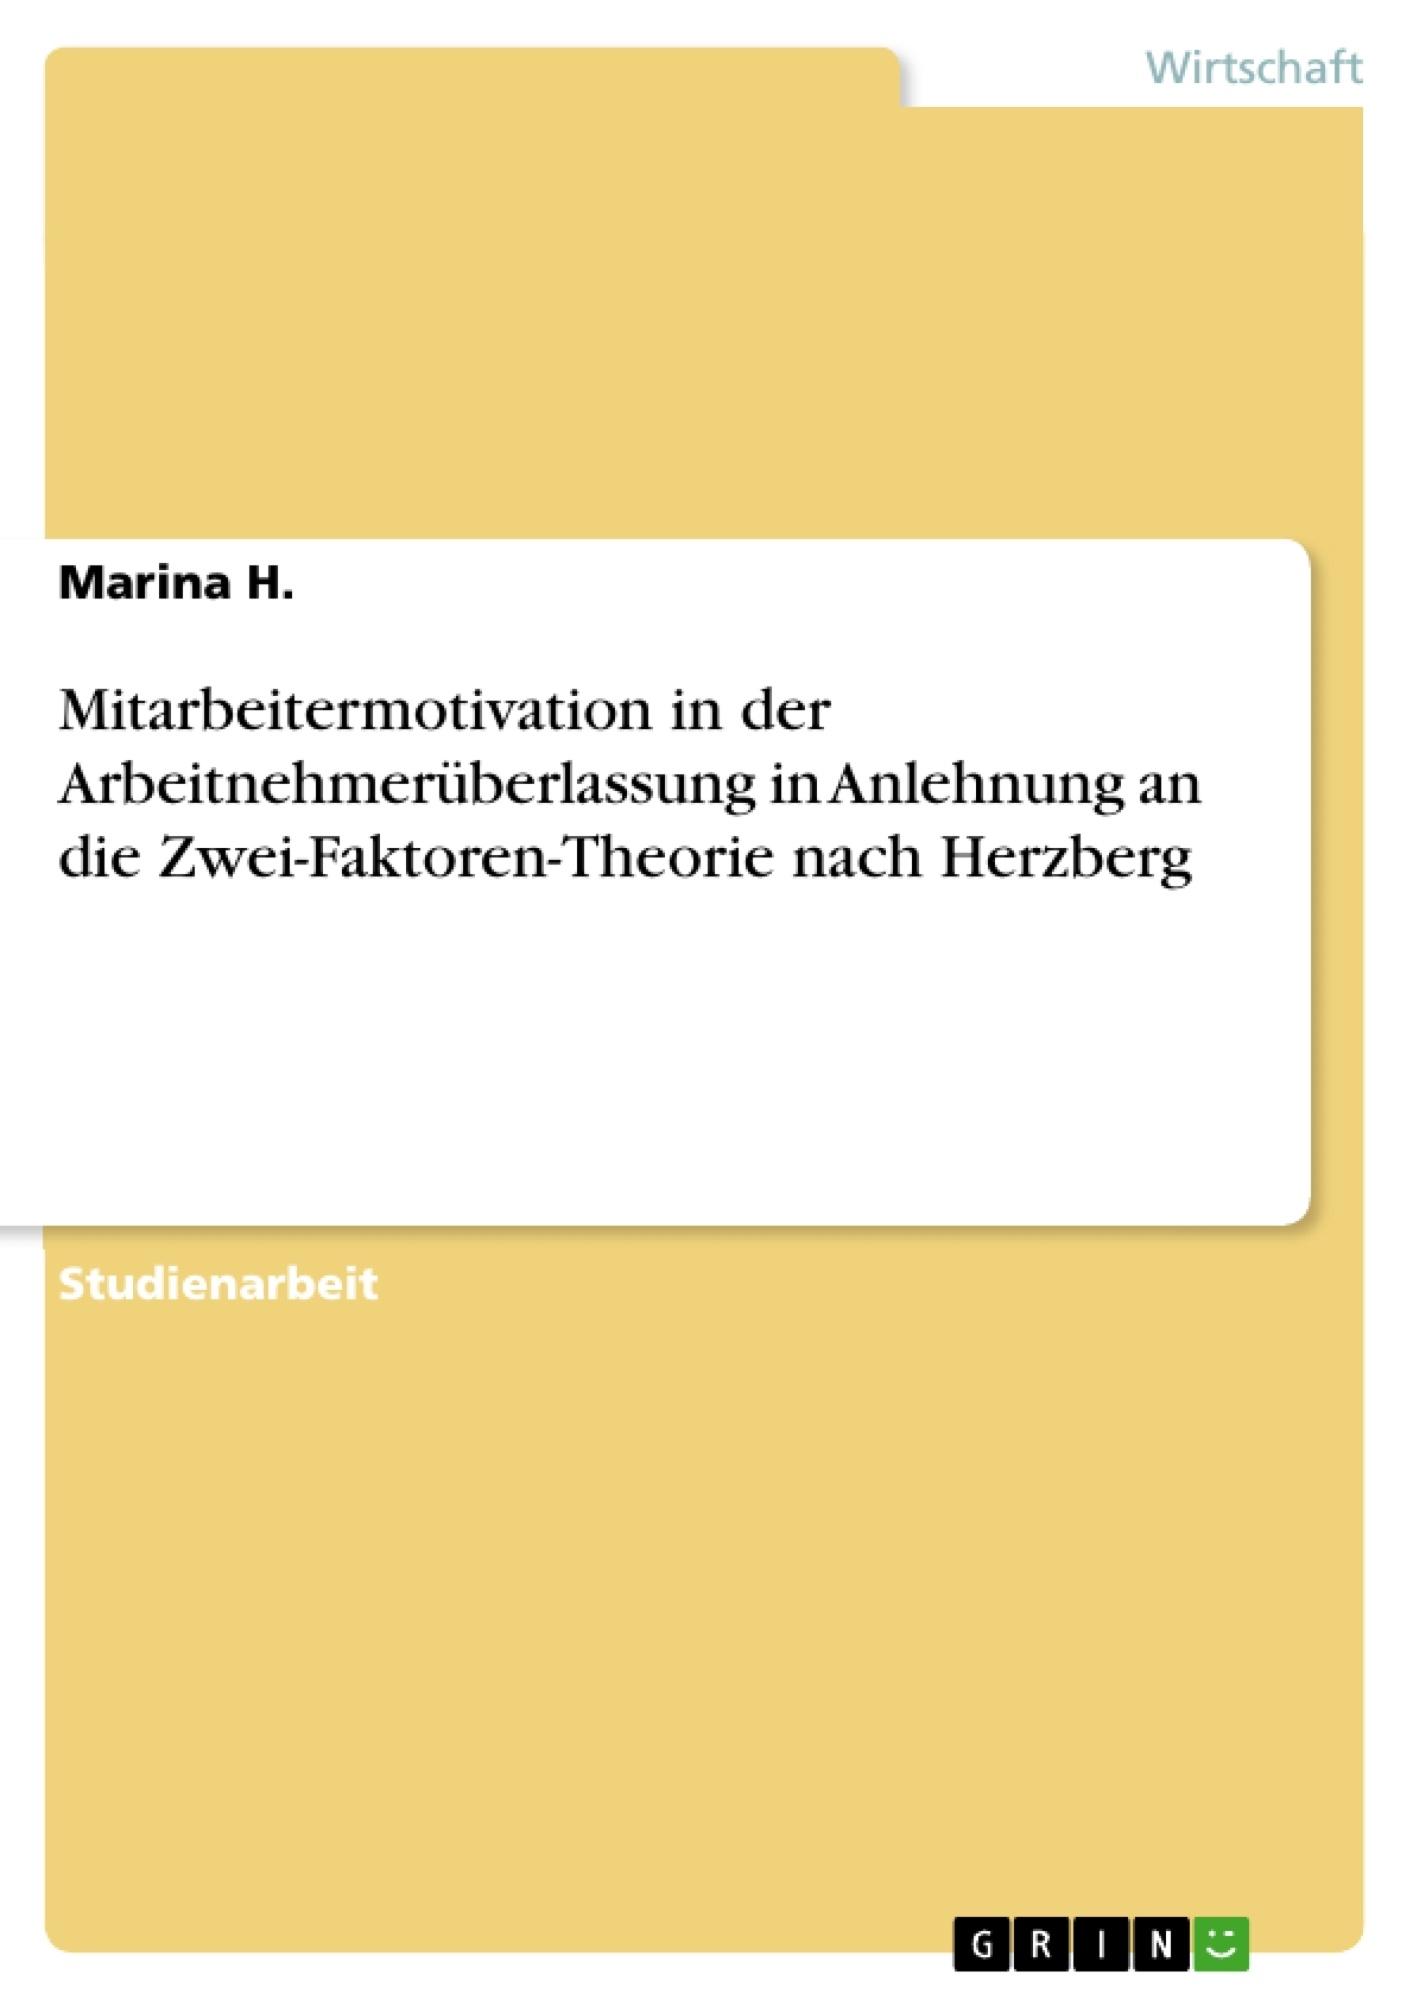 Titel: Mitarbeitermotivation in der Arbeitnehmerüberlassung in Anlehnung an die Zwei-Faktoren-Theorie nach Herzberg